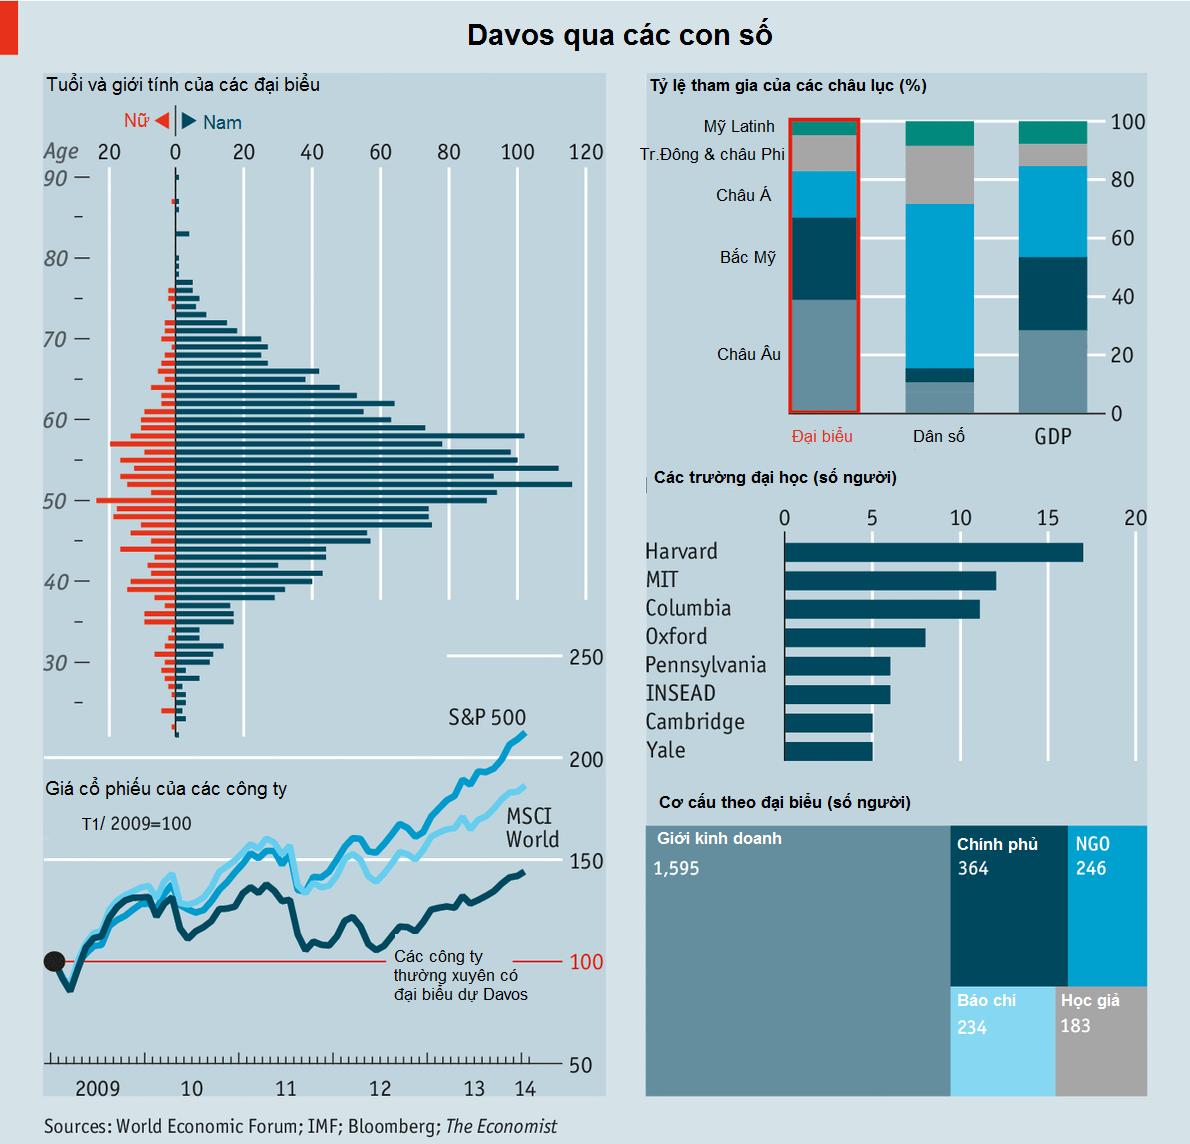 Davos qua các con số (1)